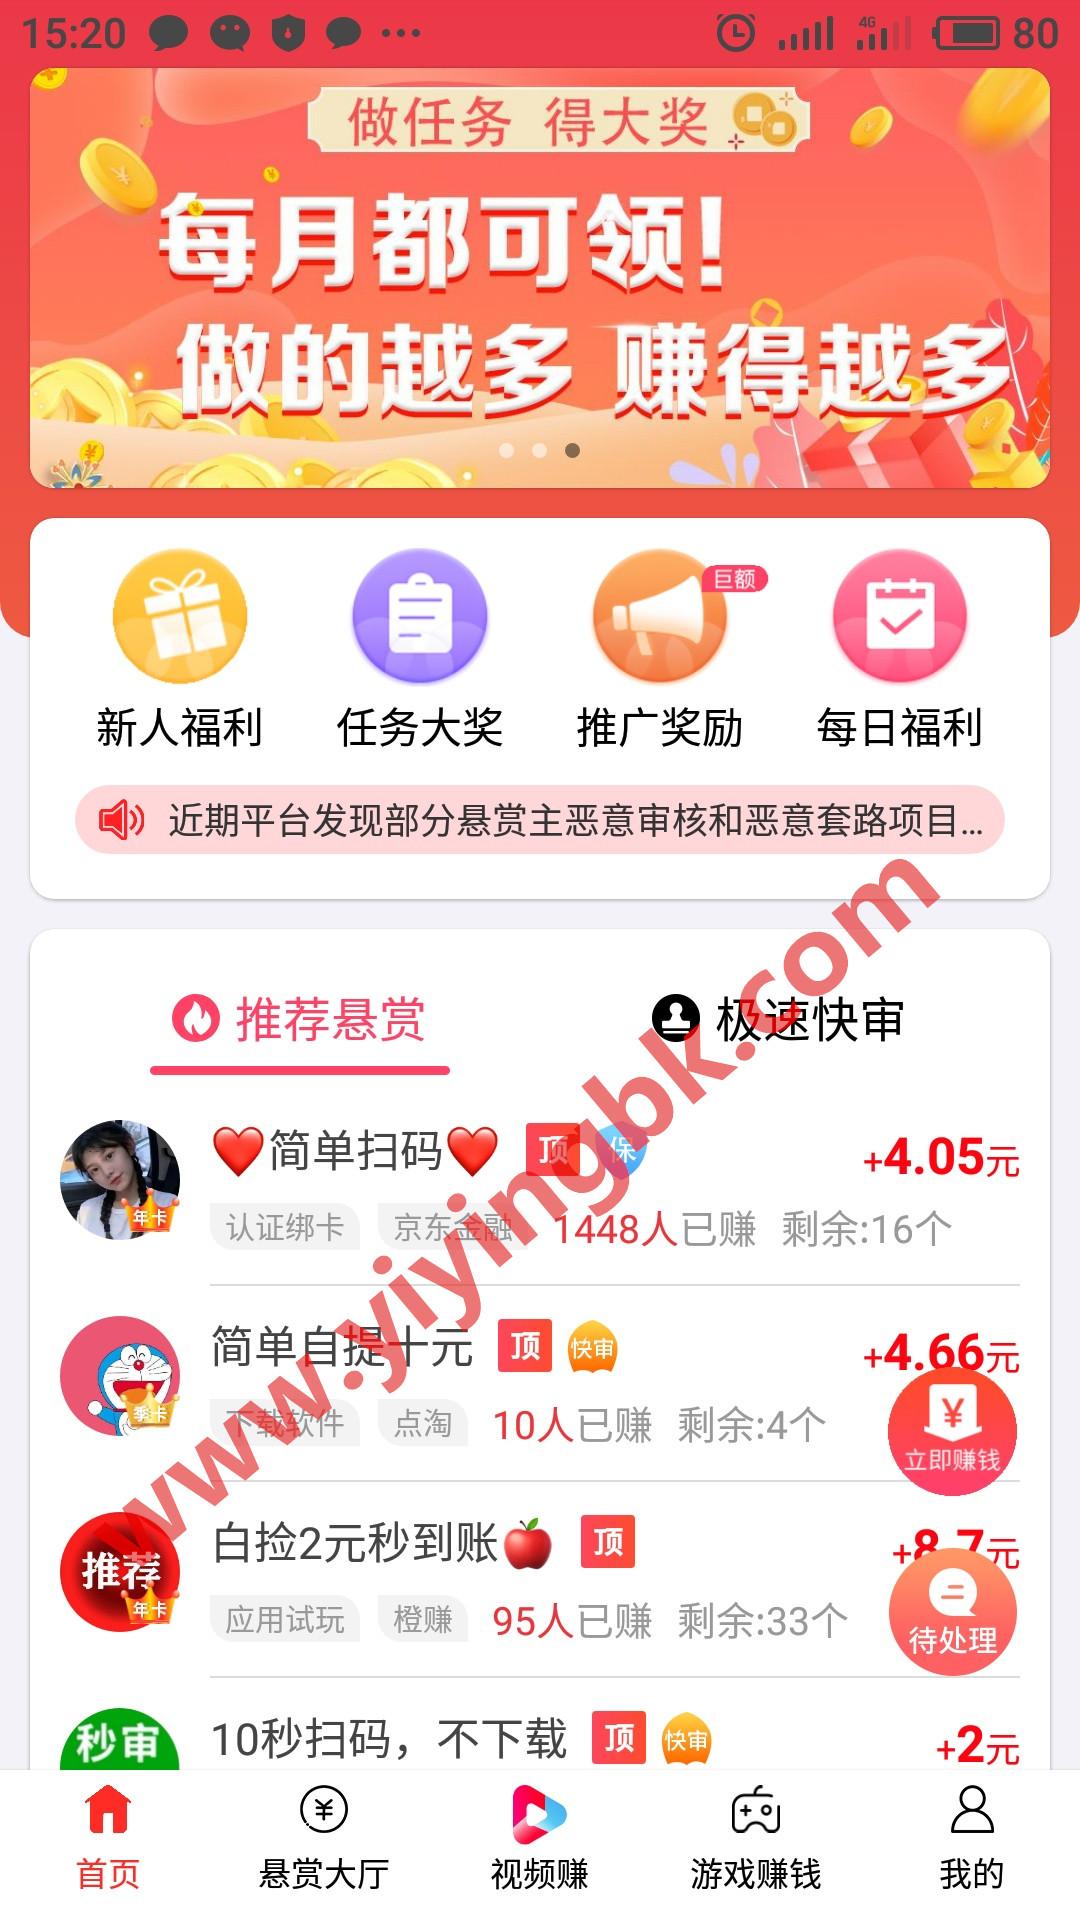 手机免费赚钱APP软件首页,www.yiyingbk.com